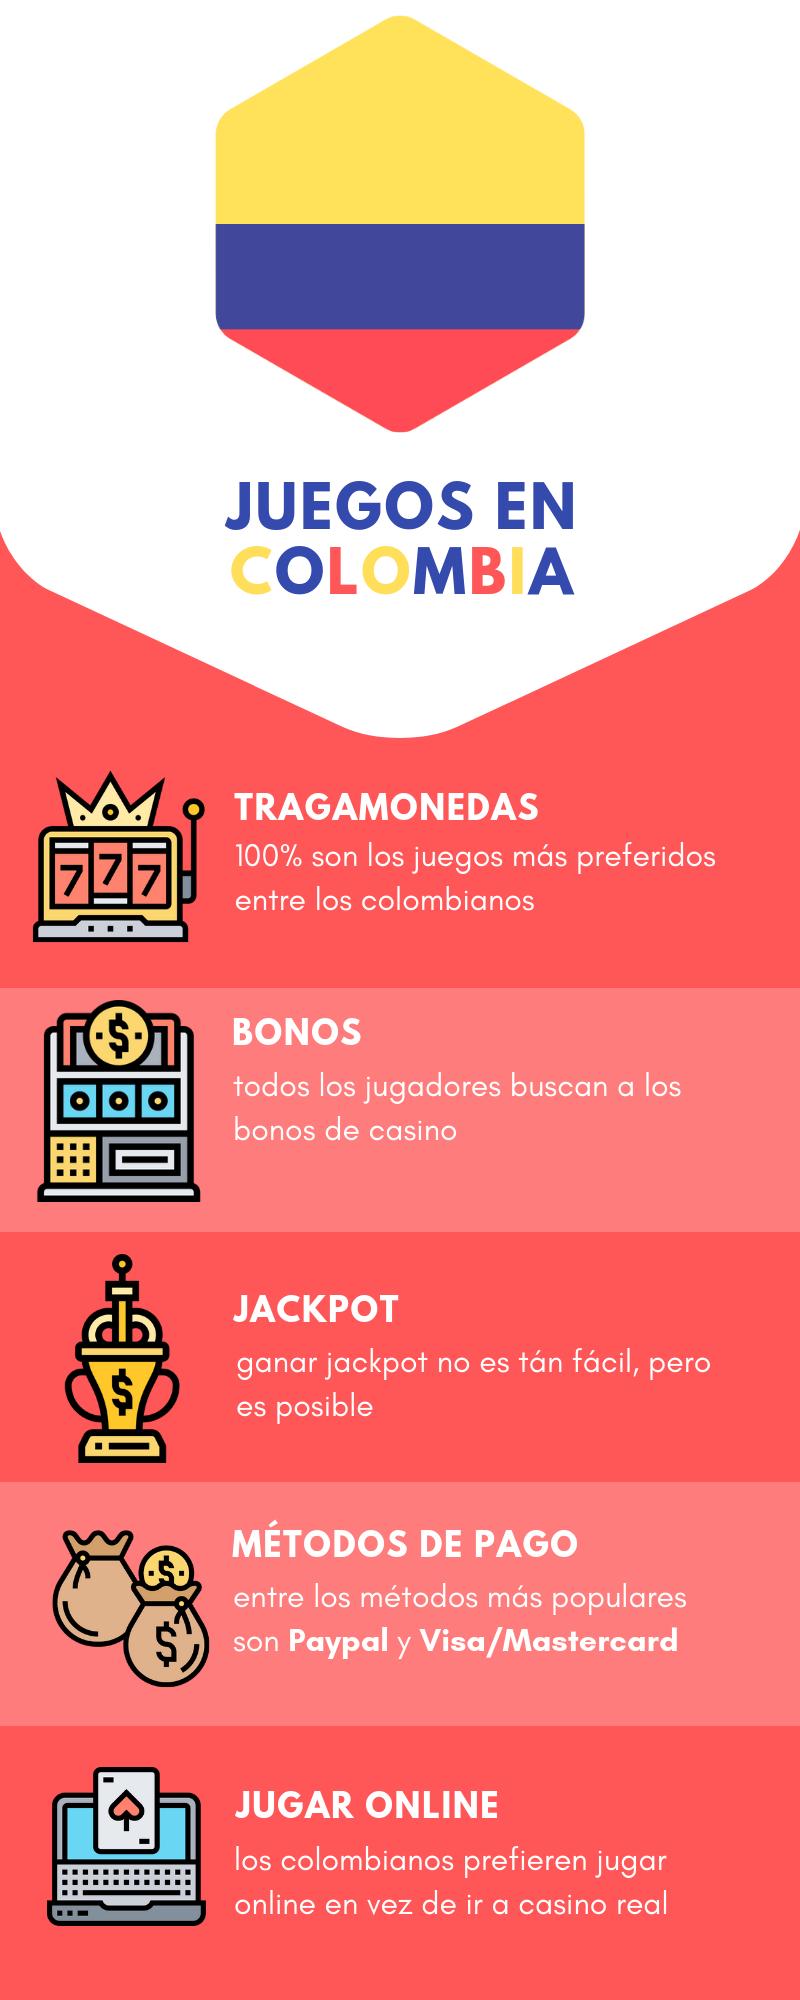 La legislación del juego en Colombia